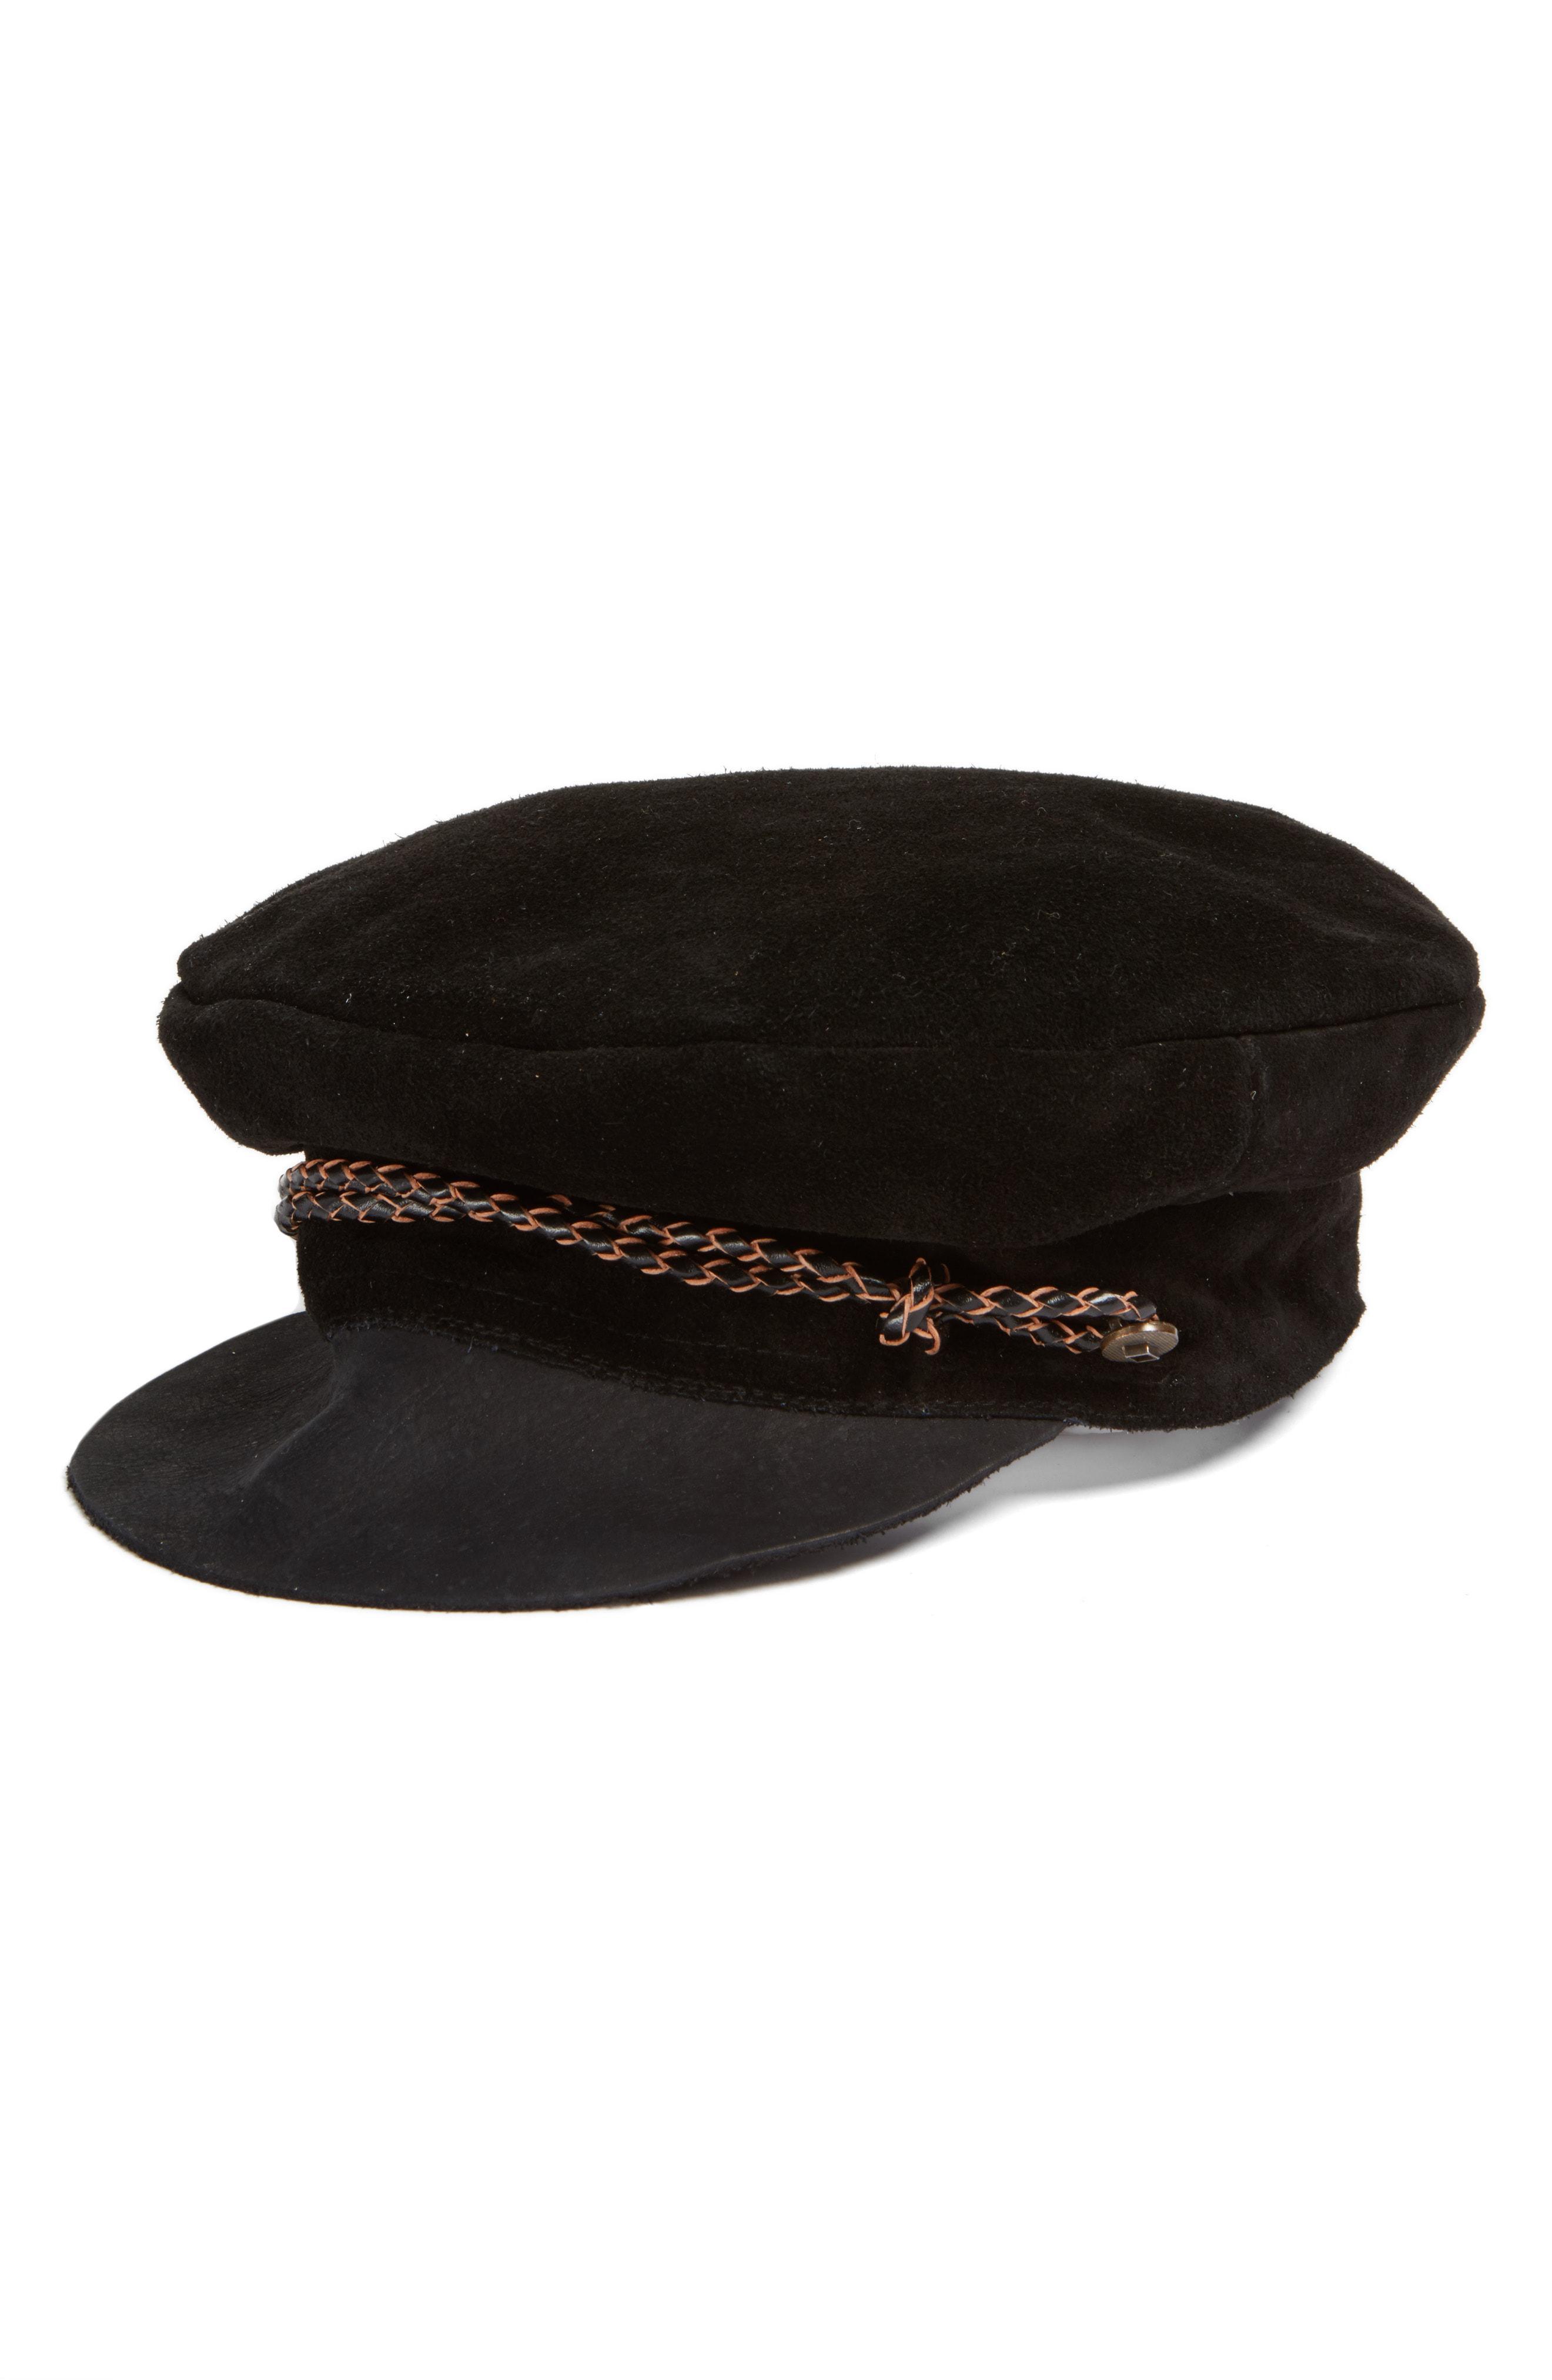 ef3f9264aff5f Brixton Kayla Cap in Black - Lyst